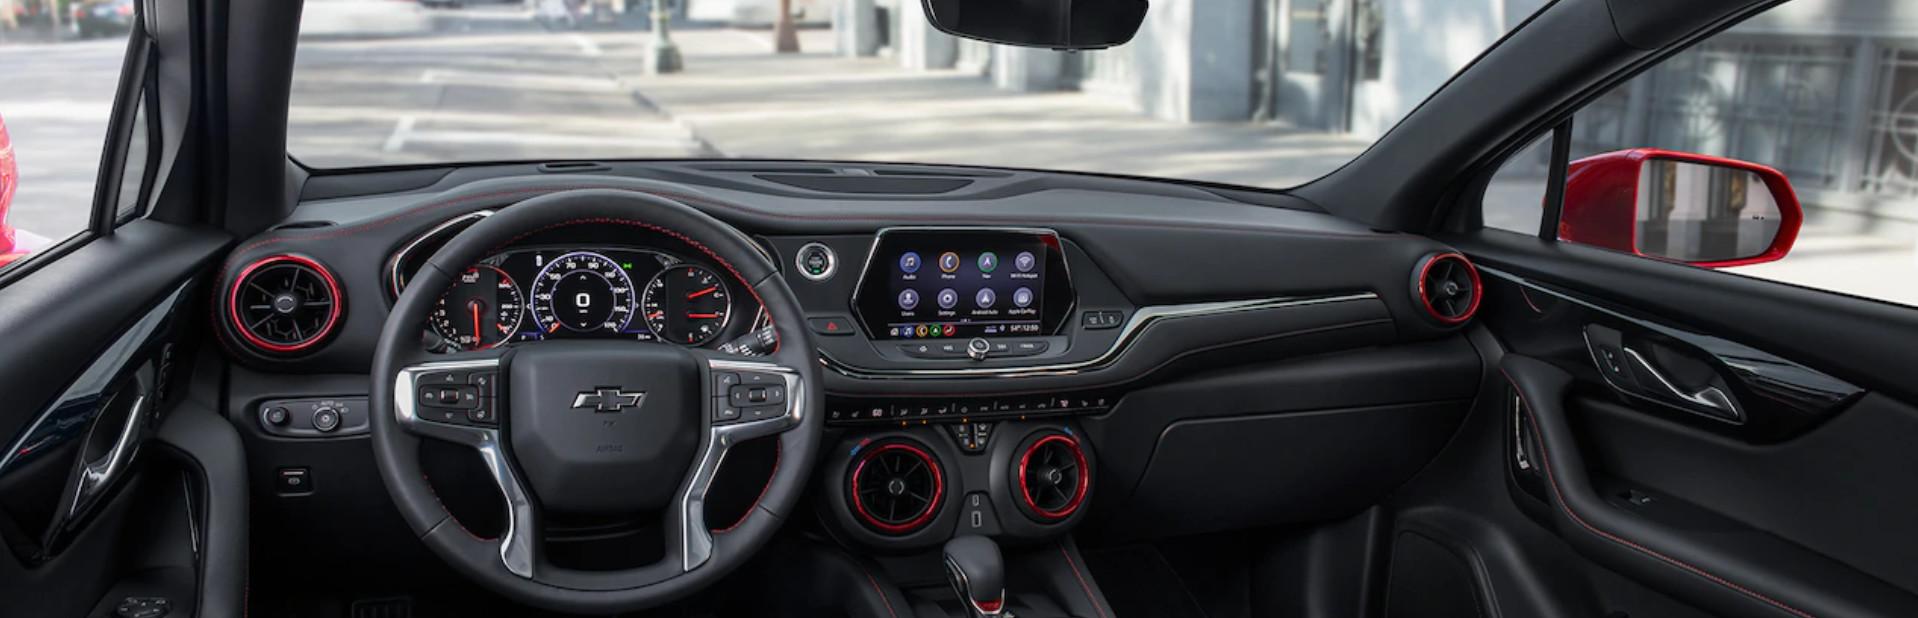 Disfruta de las numerosas funcionalidades y de cada detalle del interior de la Blazer.